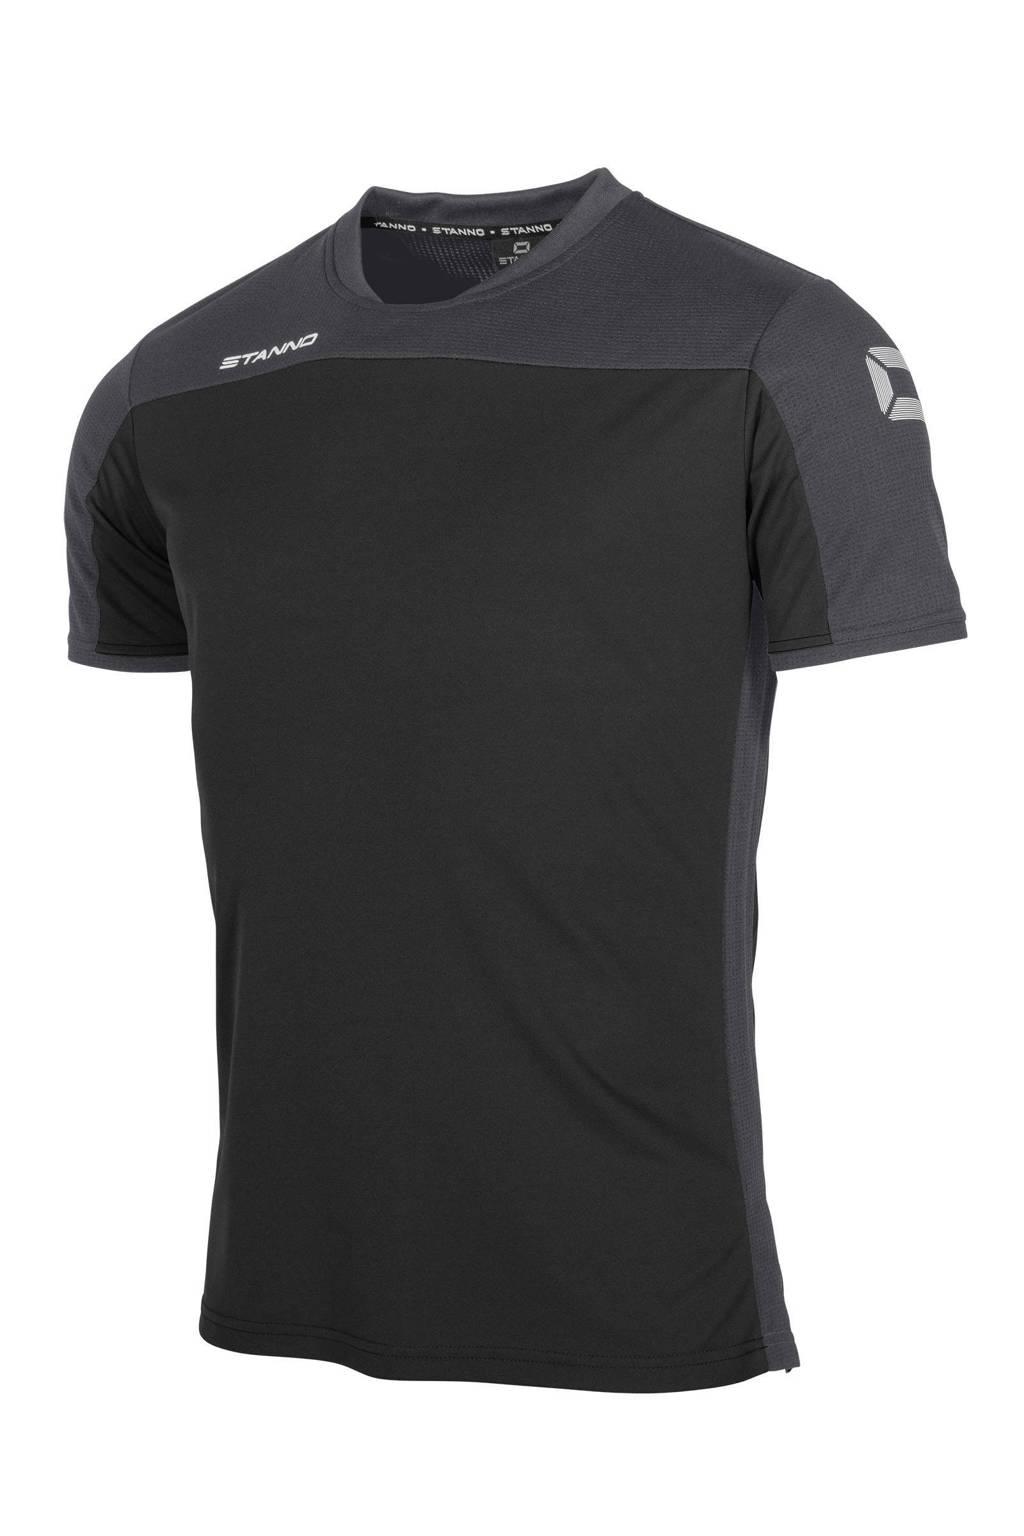 Stanno   voetbalshirt zwart/antraciet, Zwart/antraciet